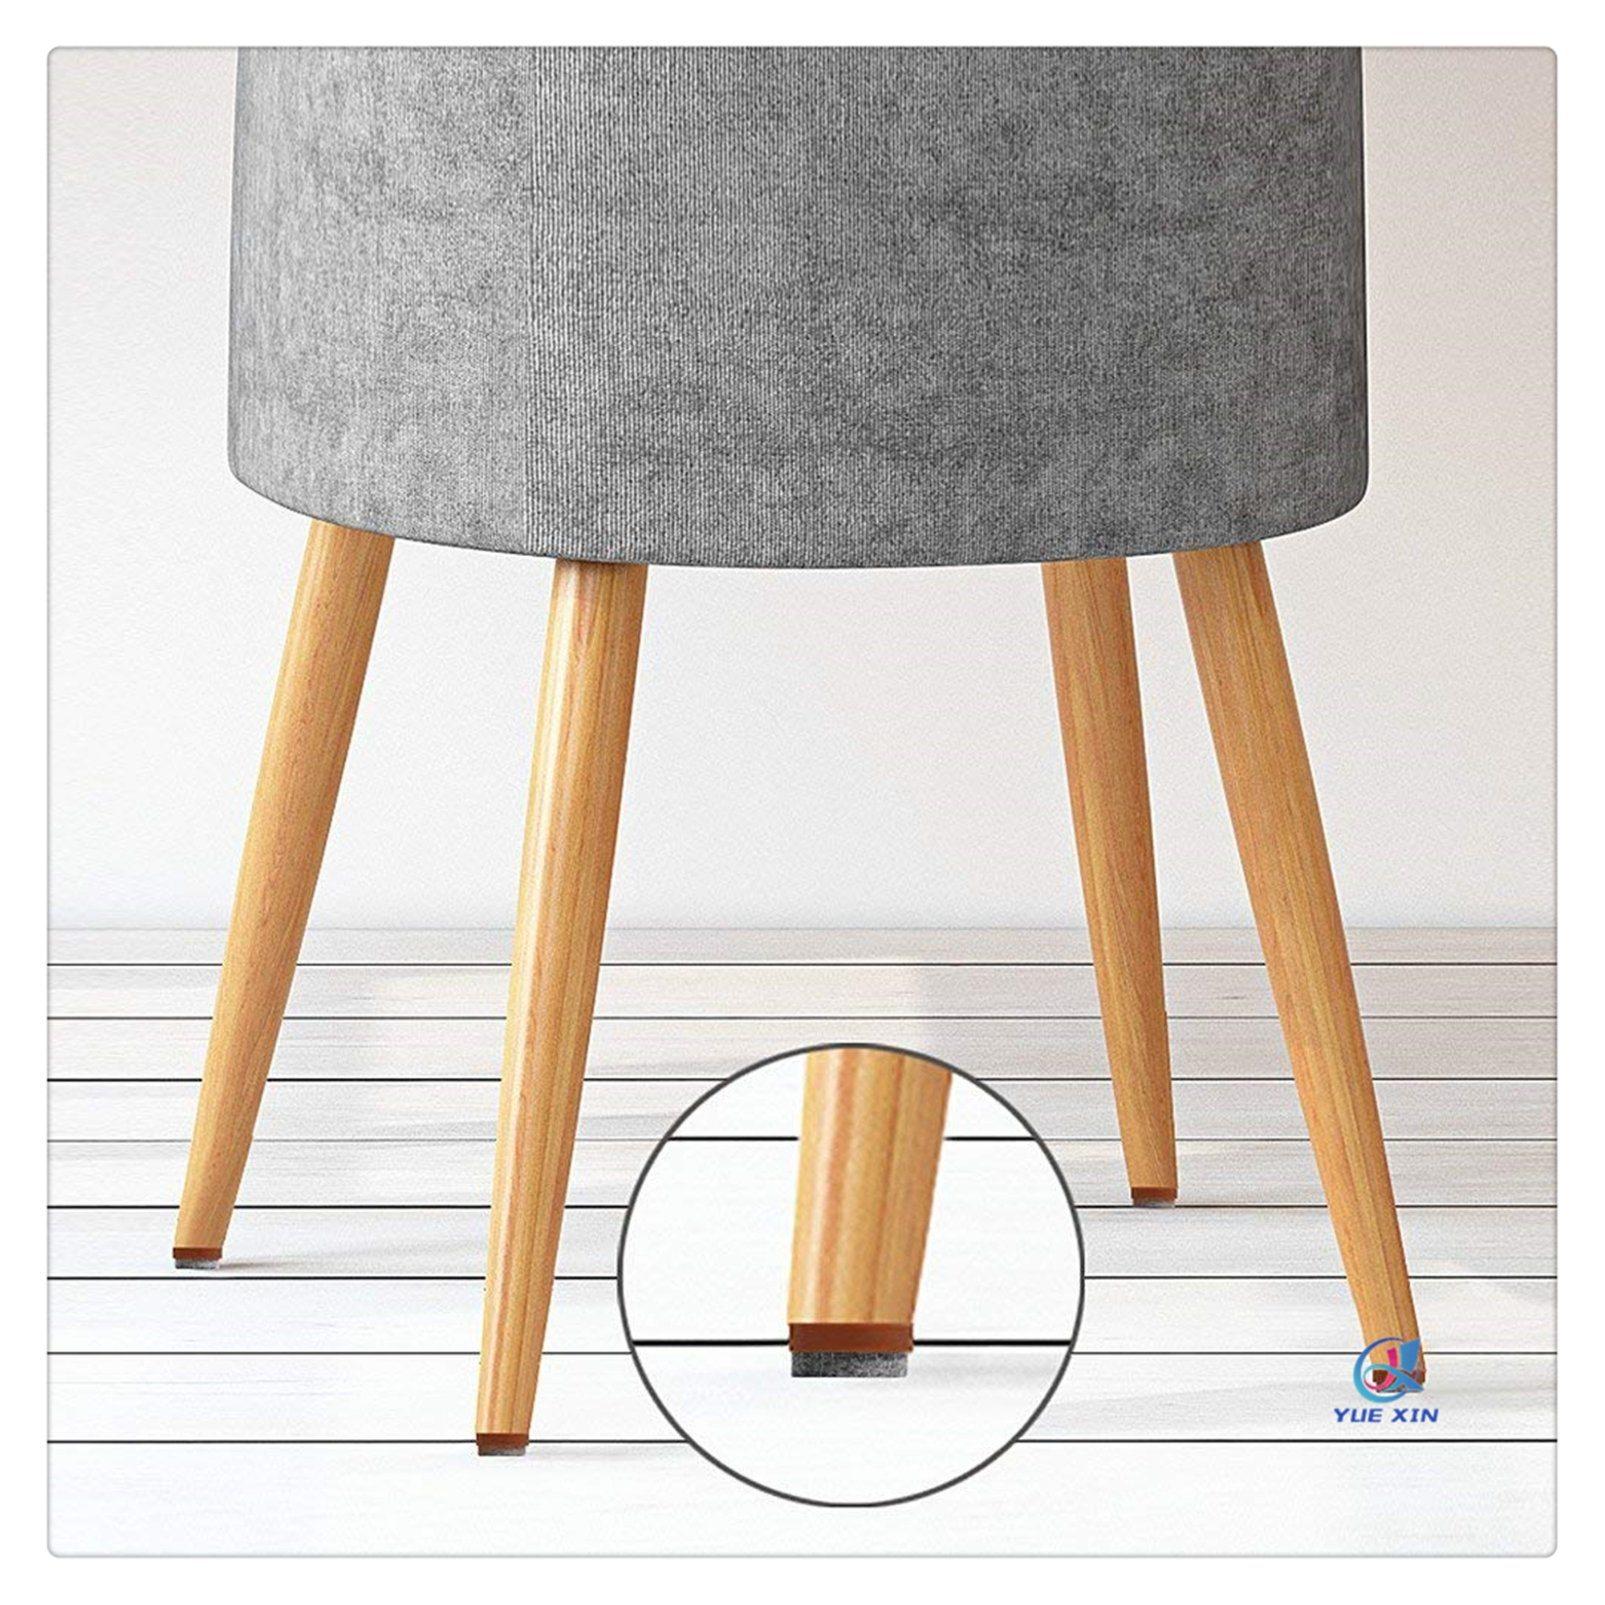 China Self Stick Furniture Circle Felt Pads Anti Scratch Floor